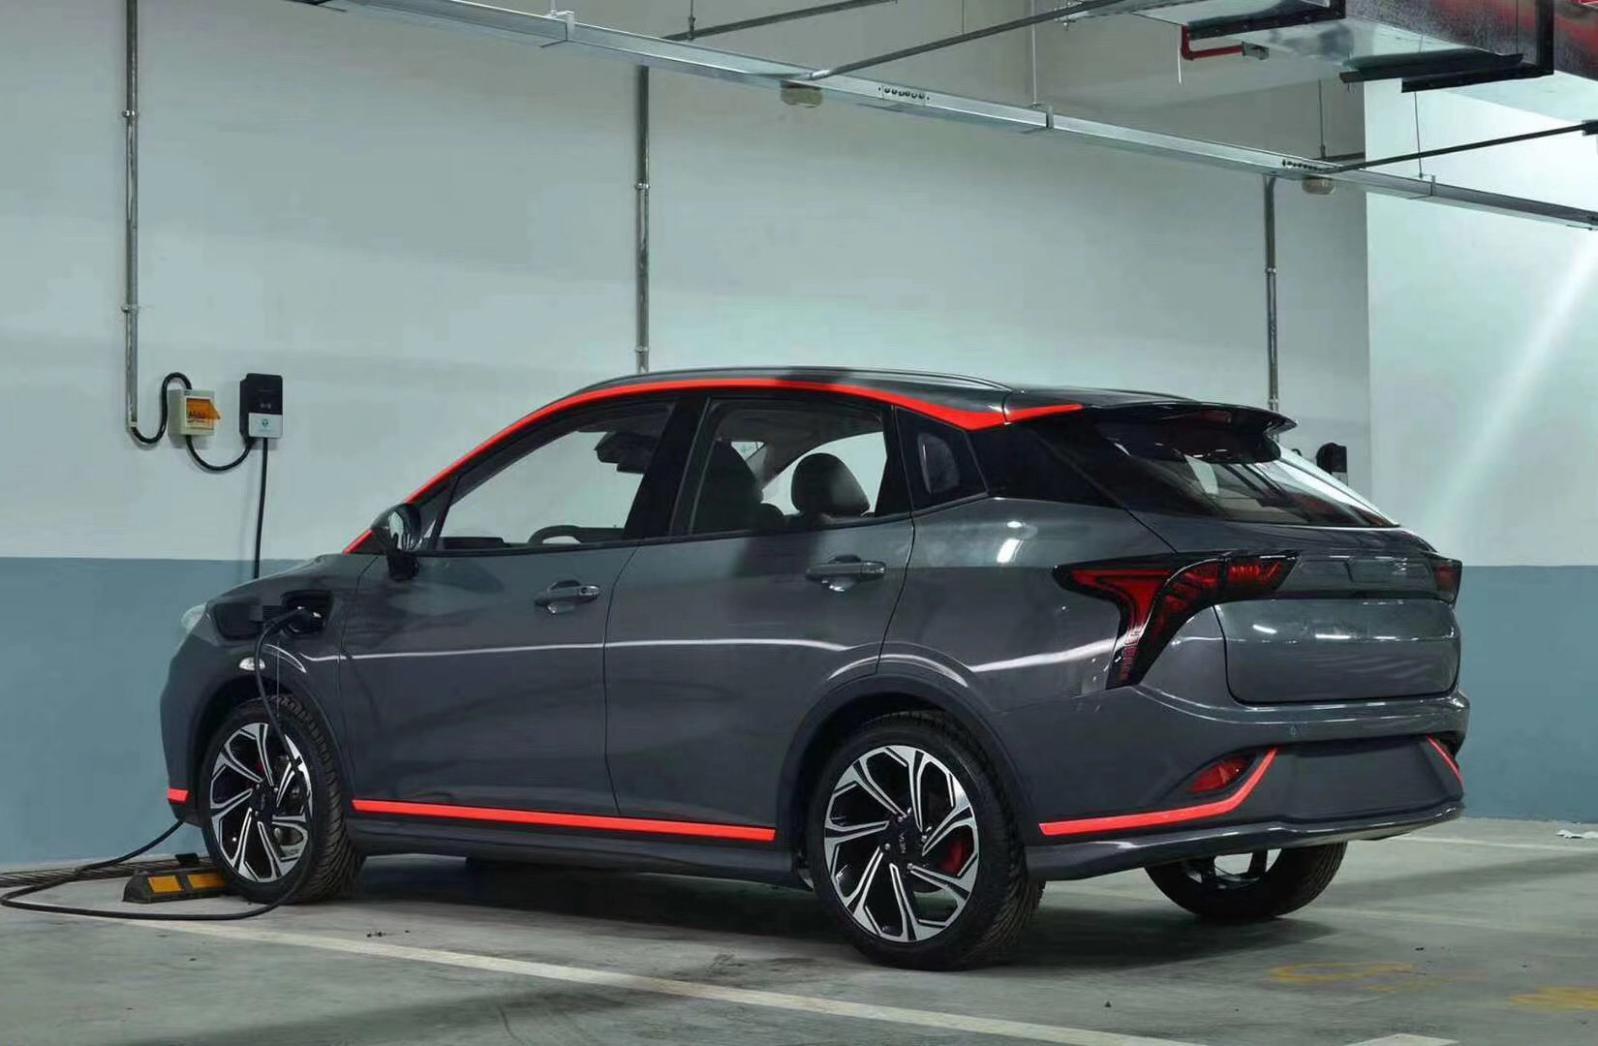 哪吒汽车第三款车型实车曝光,预计四季度上市